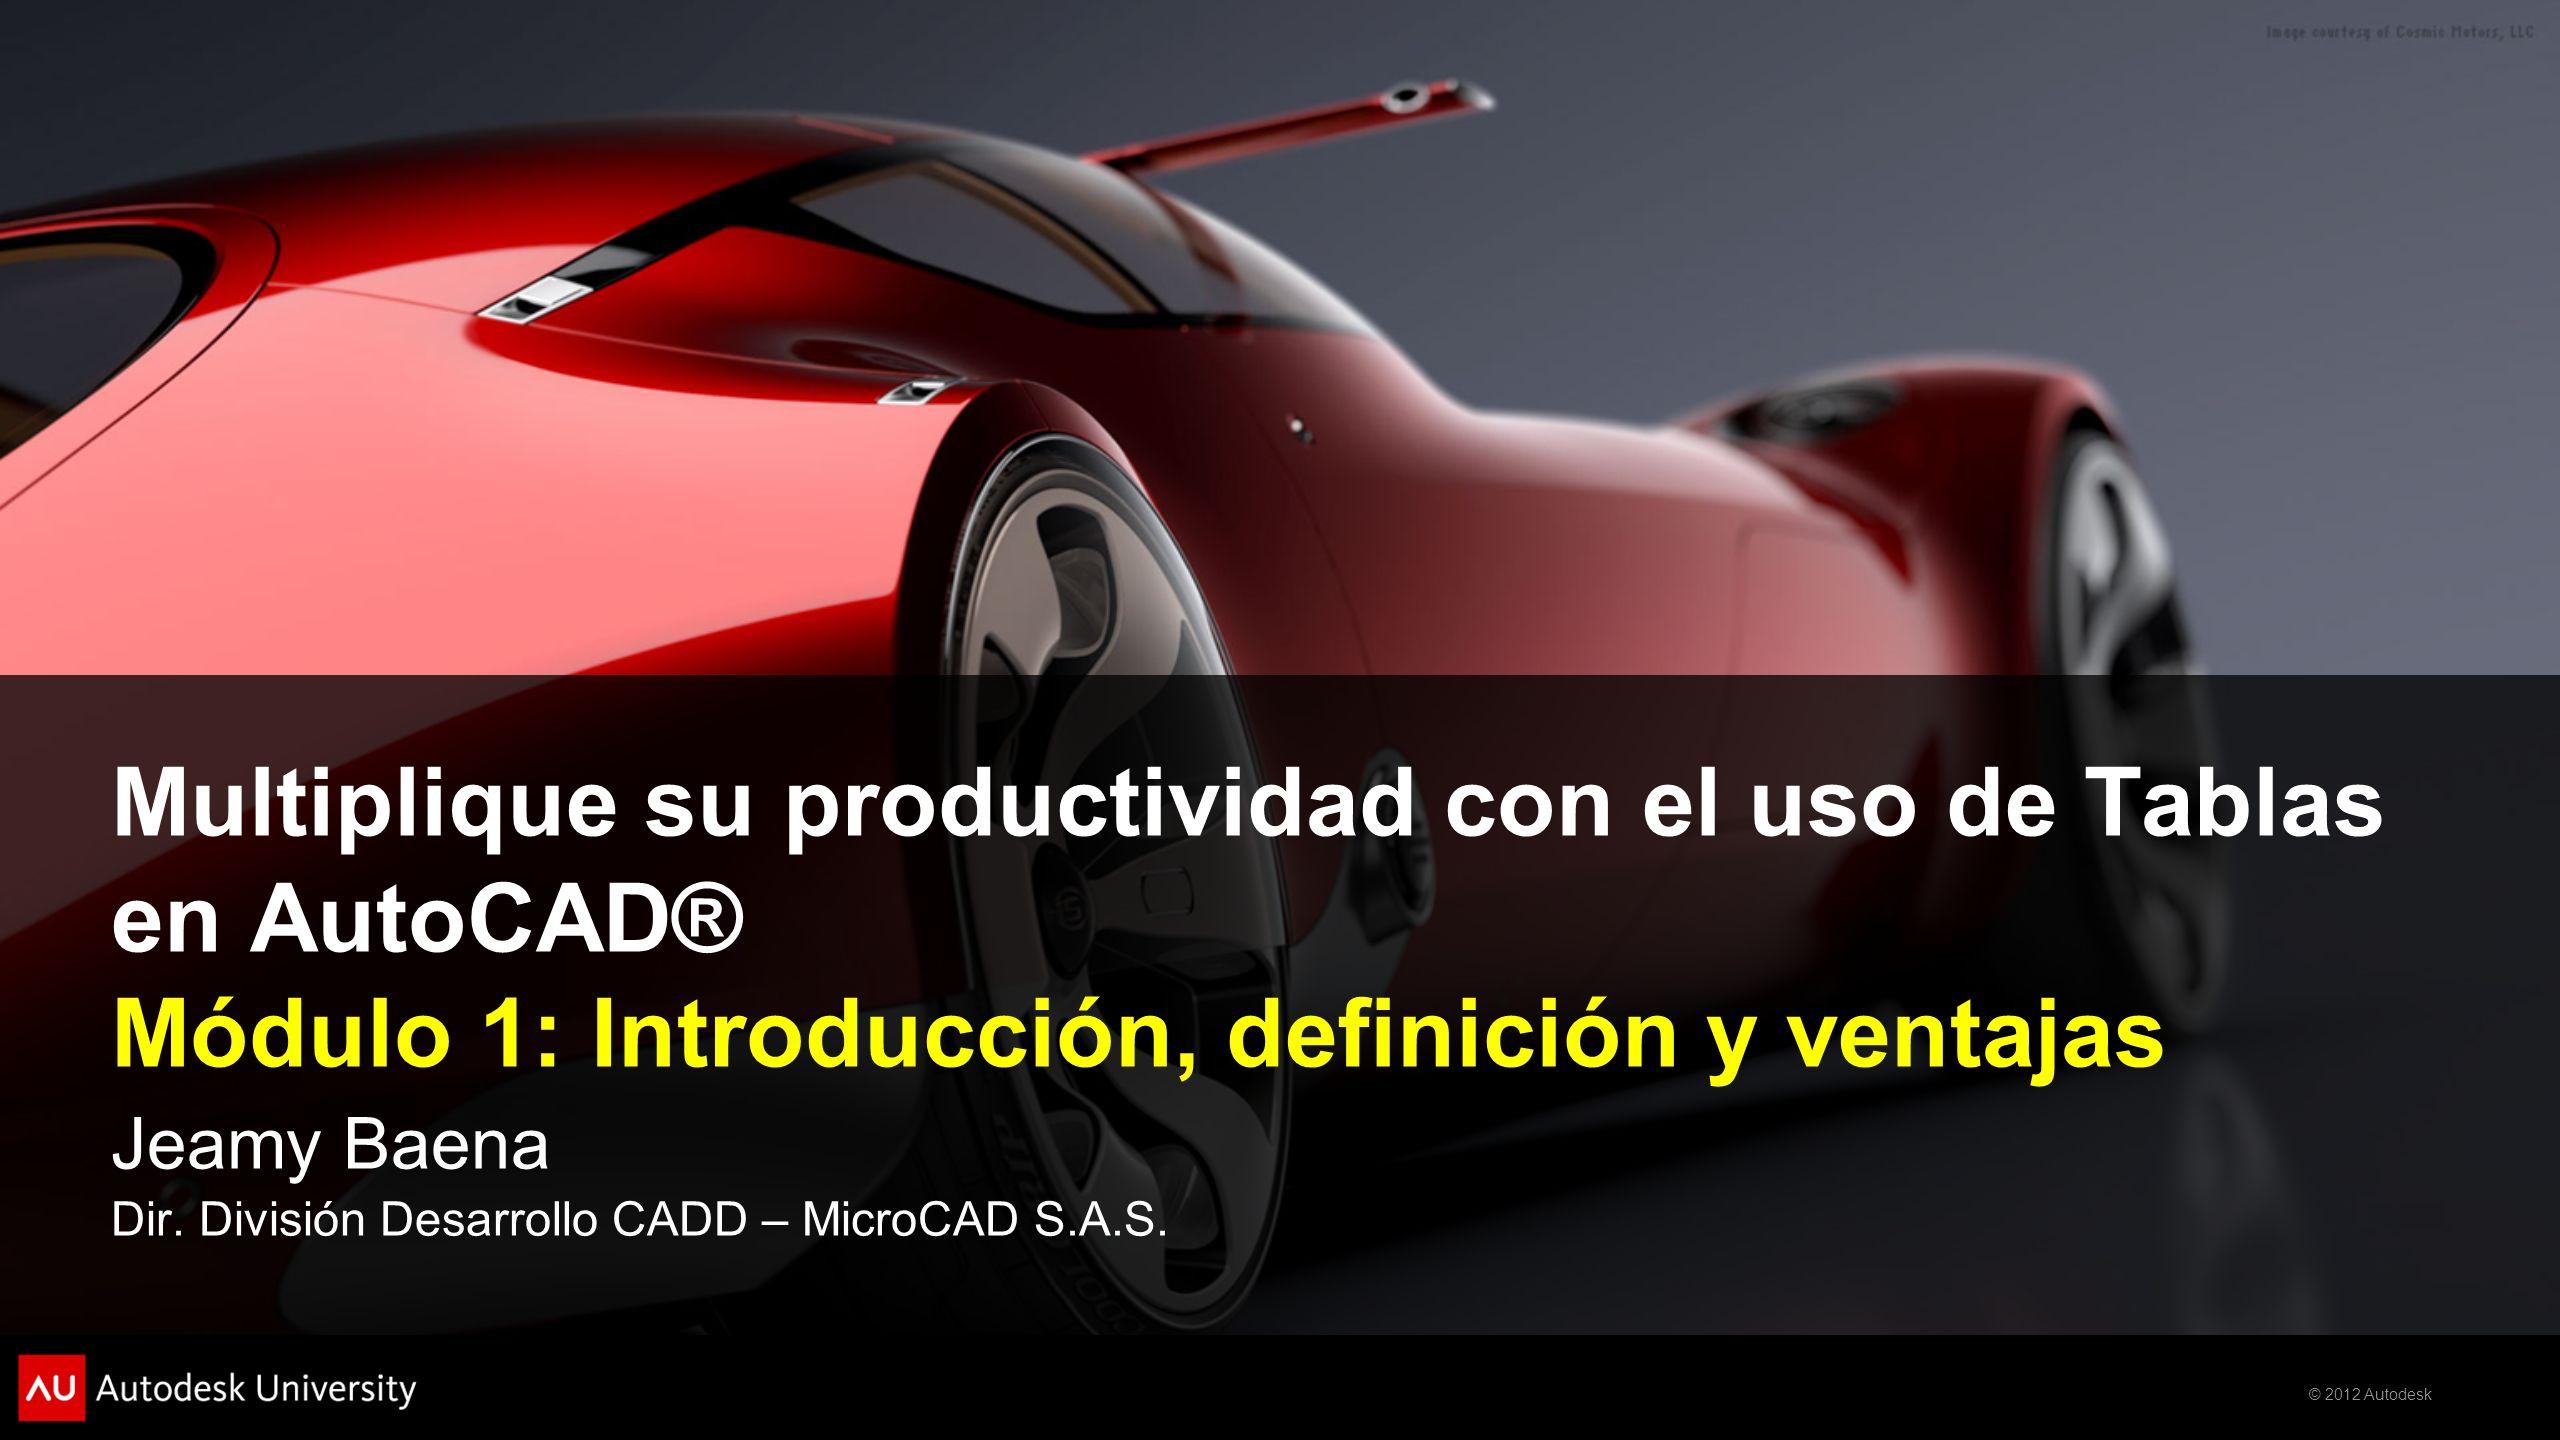 © 2012 Autodesk Multiplique su productividad con el uso de Tablas en AutoCAD® Módulo 1: Introducción, definición y ventajas Jeamy Baena Dir. División